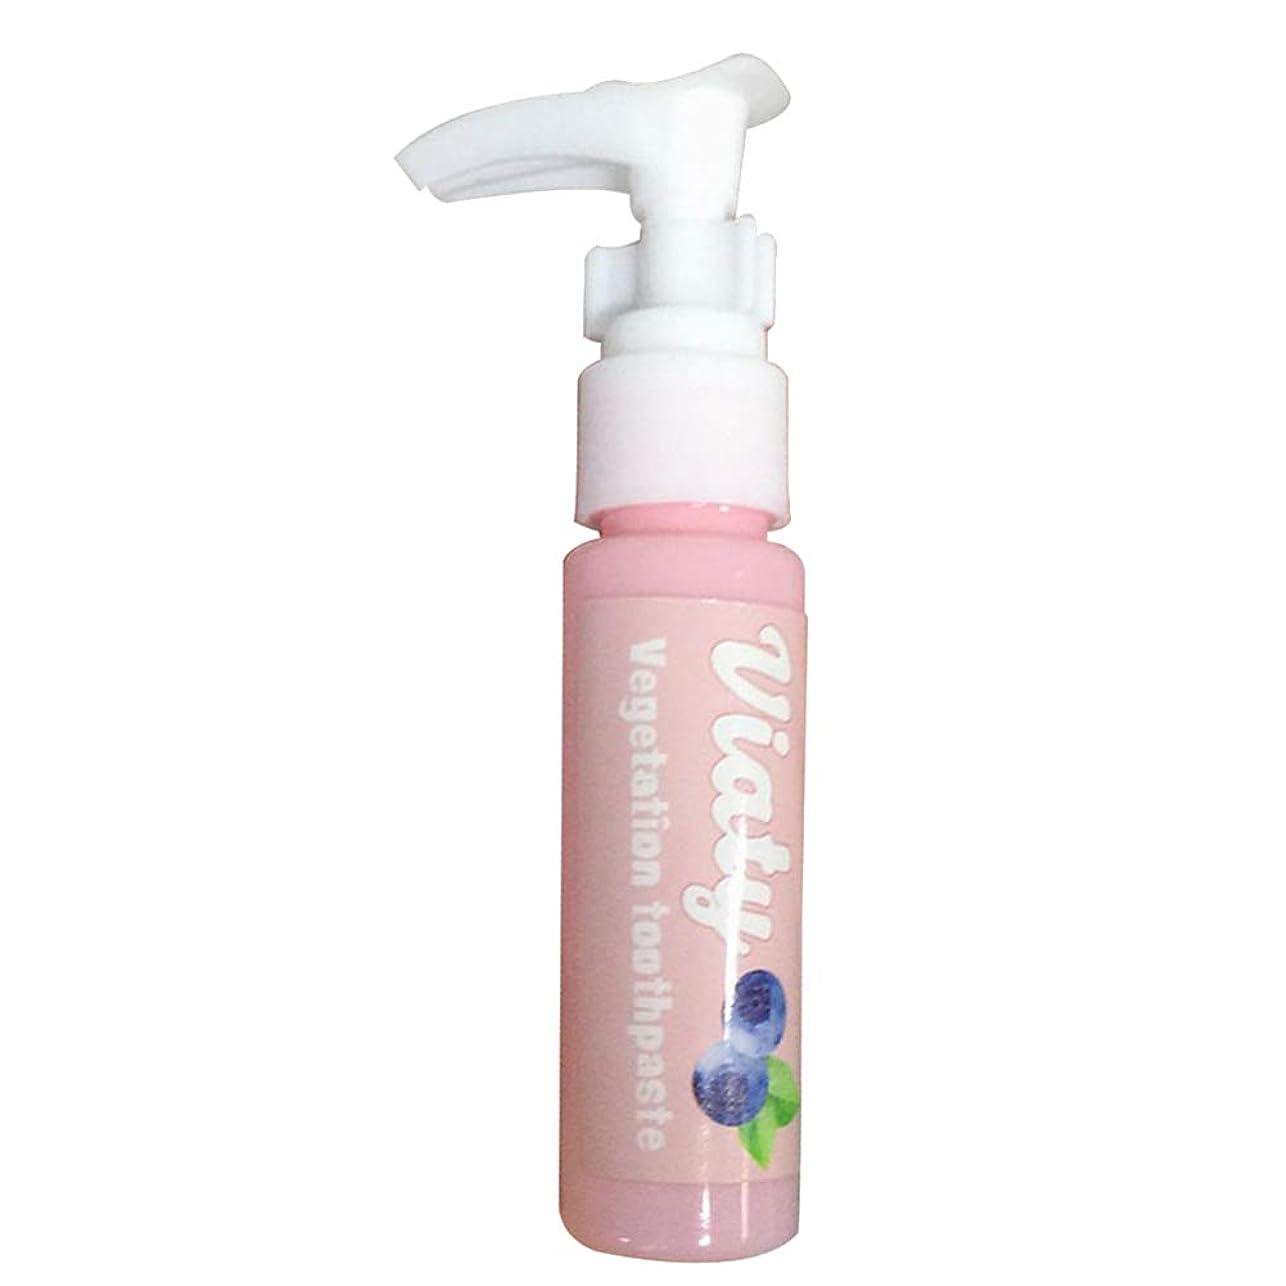 デンマークチート中CoolTack 歯磨き粉を押す旅行ベーキングソーダを白くする装置のフルーティーなベーキングソーダ歯磨き粉